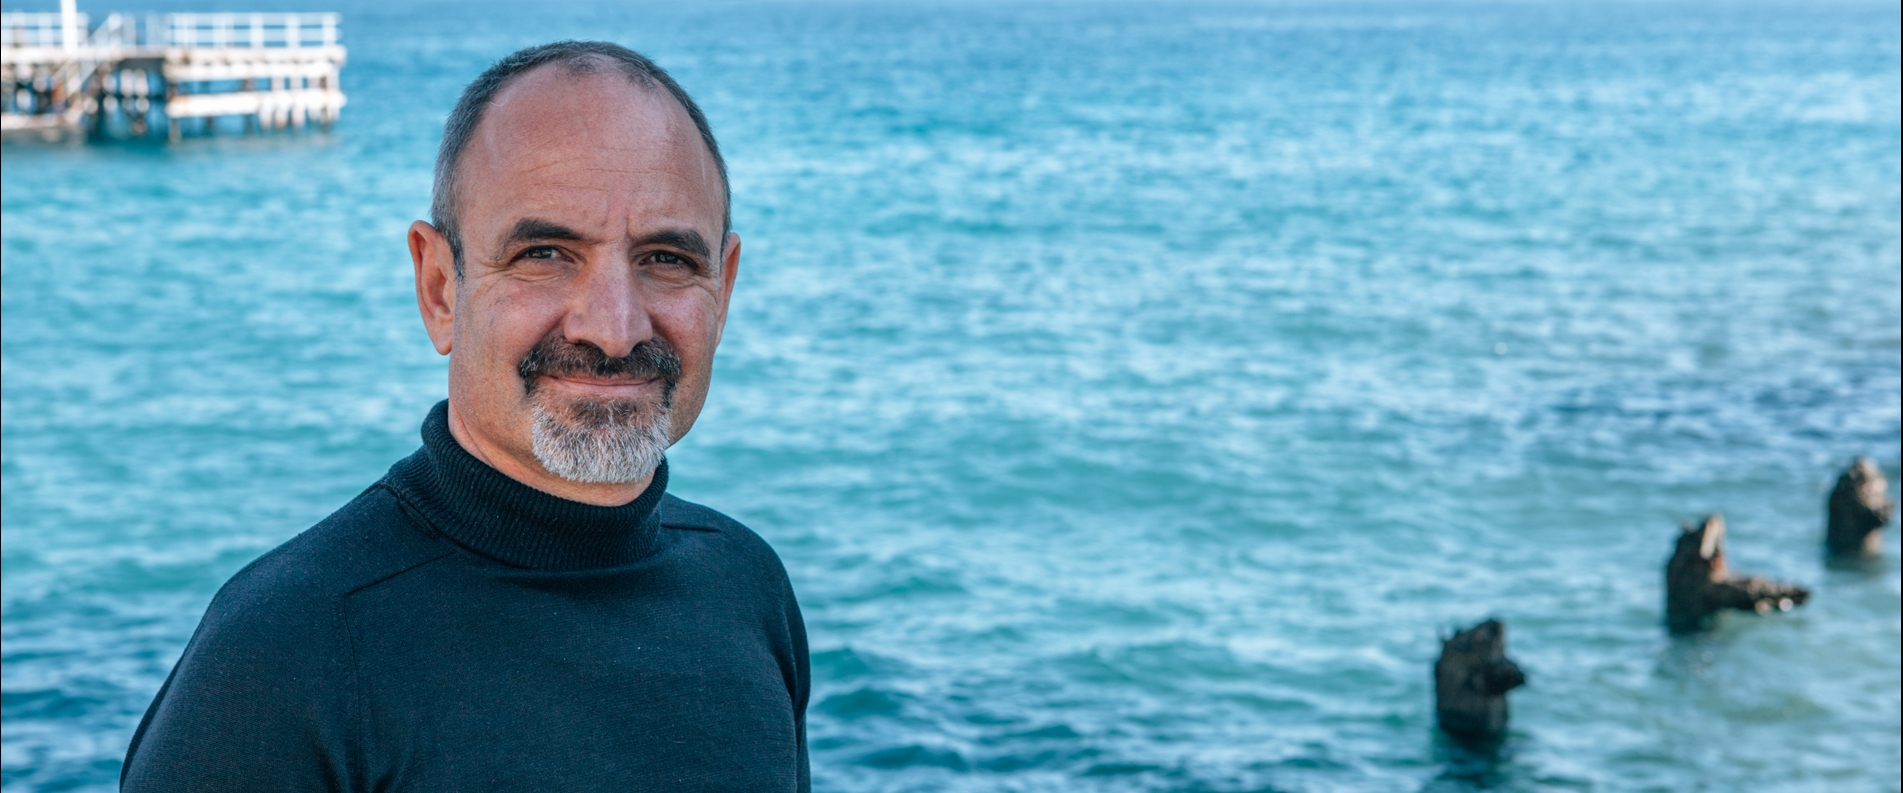 Яннис Георгиу: большое музыкальное путешествие